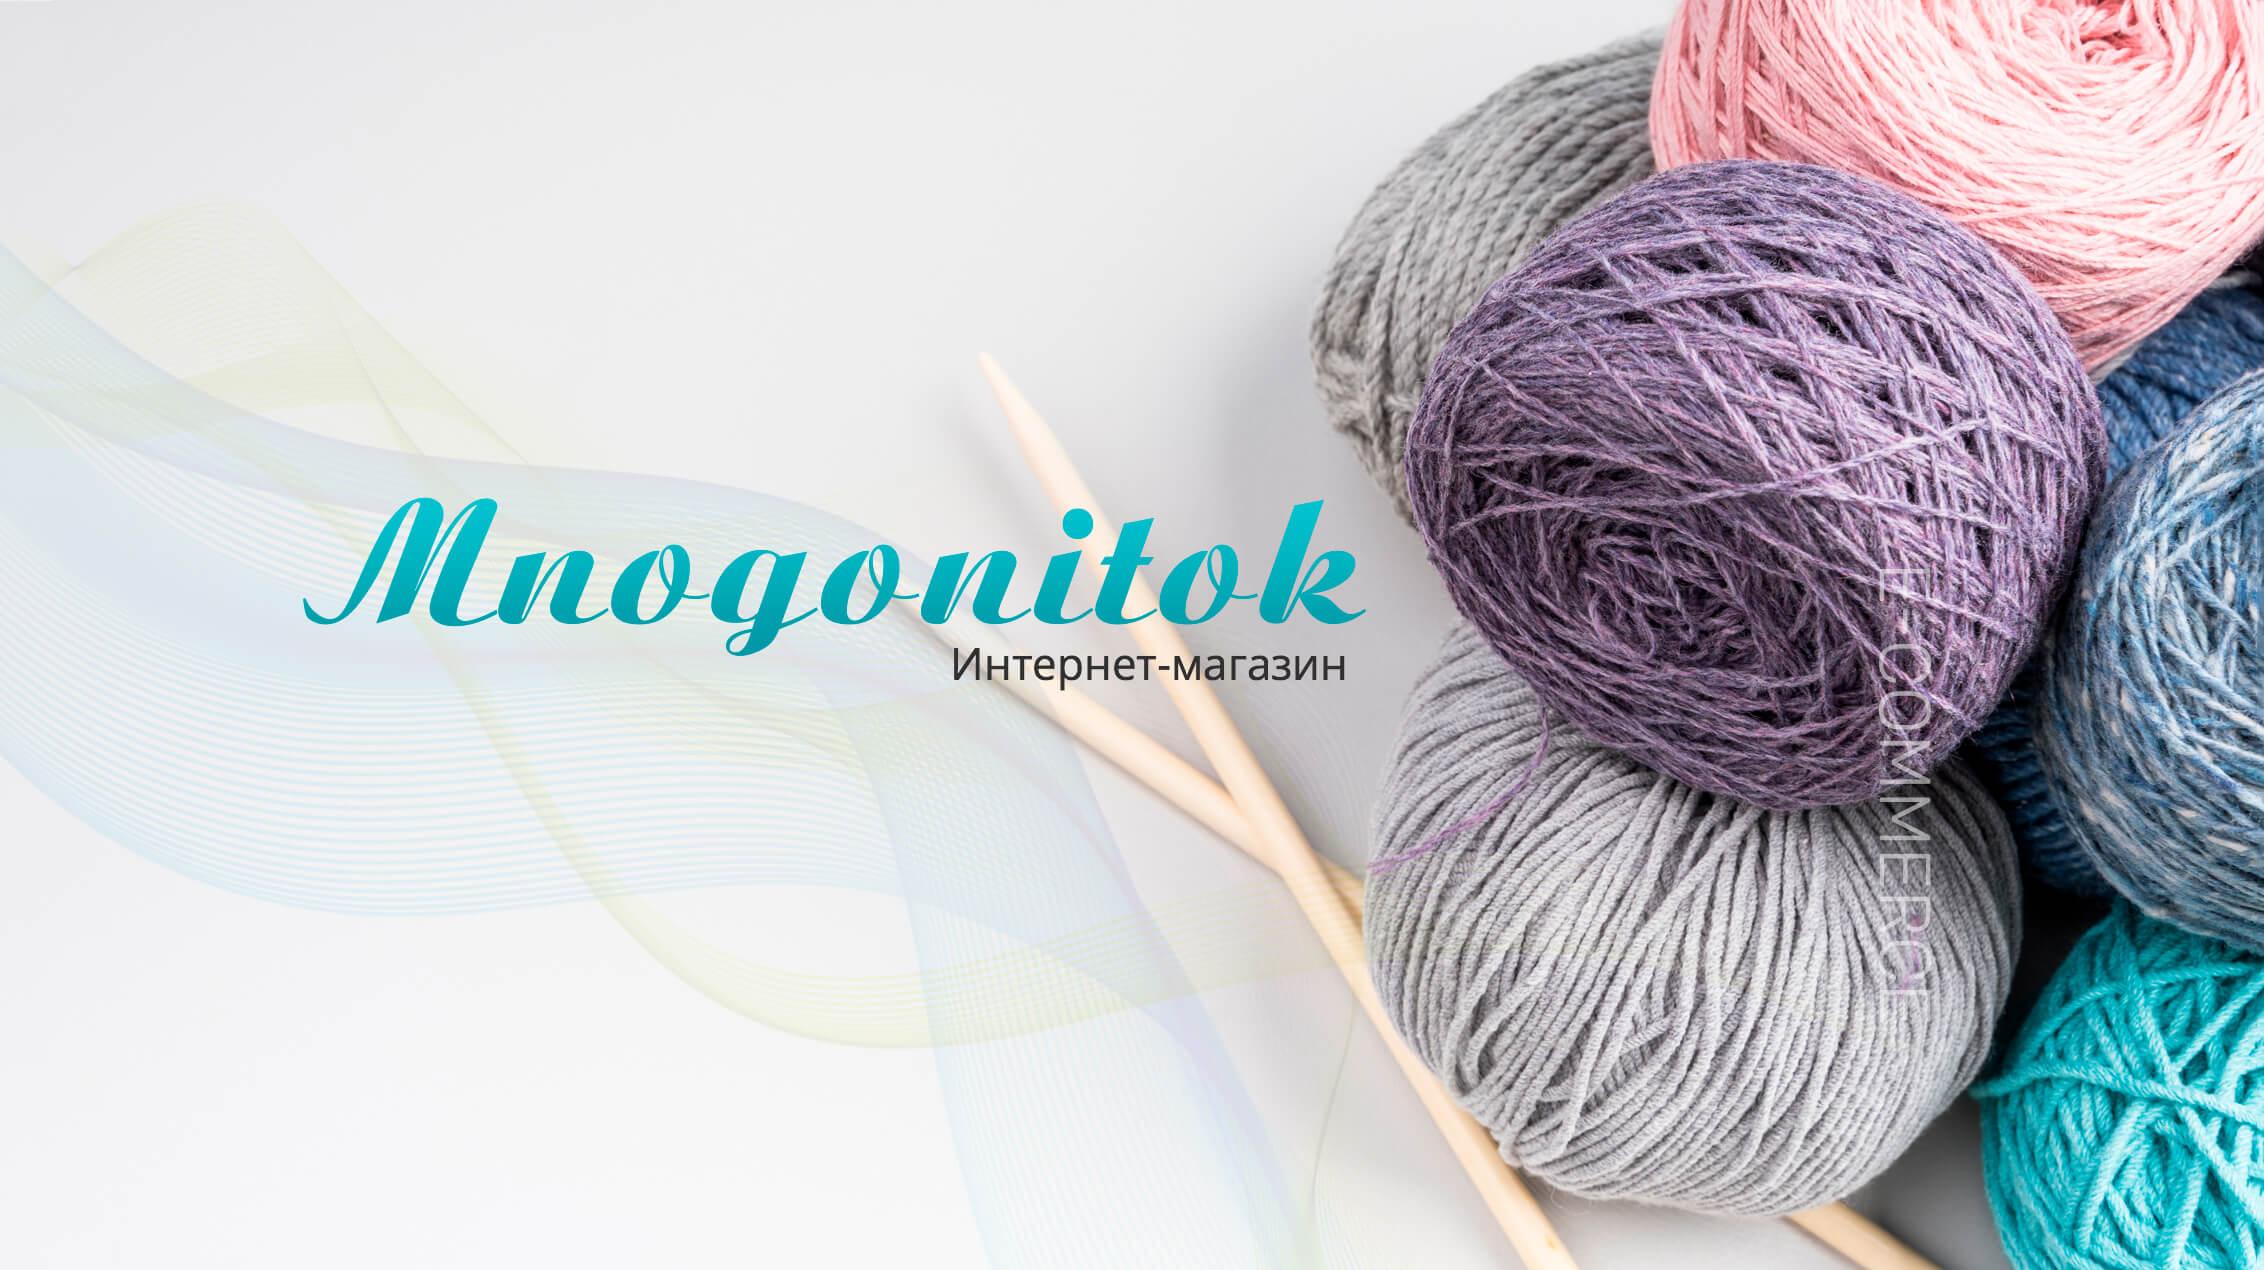 Розробка інтернет магазину MNOGONITOK